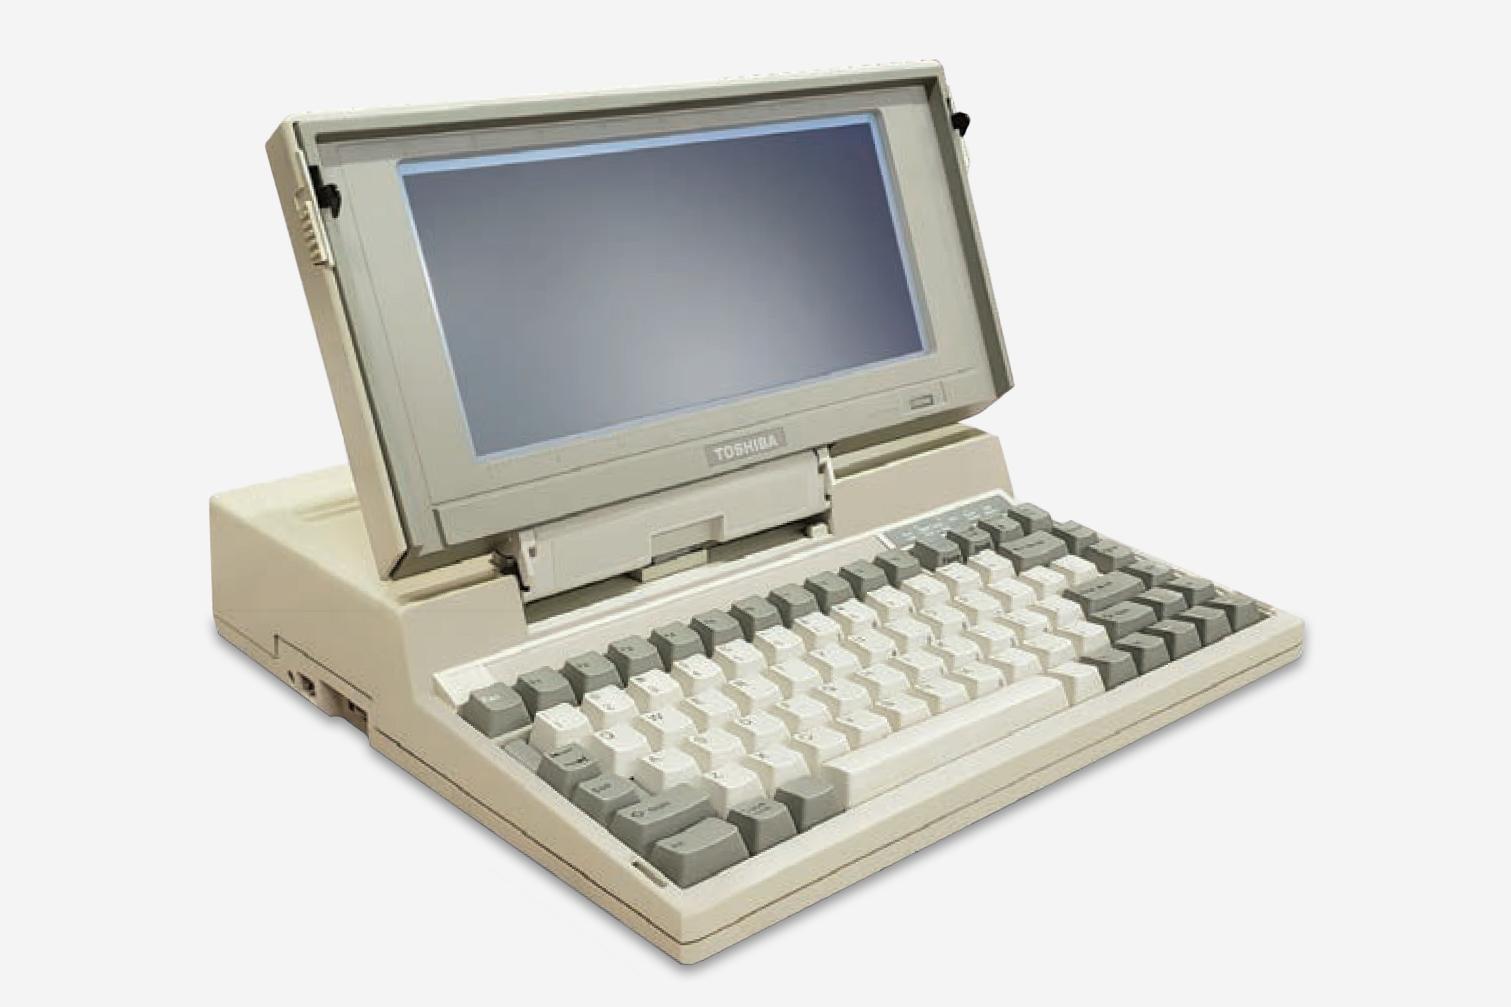 Toshiba T110